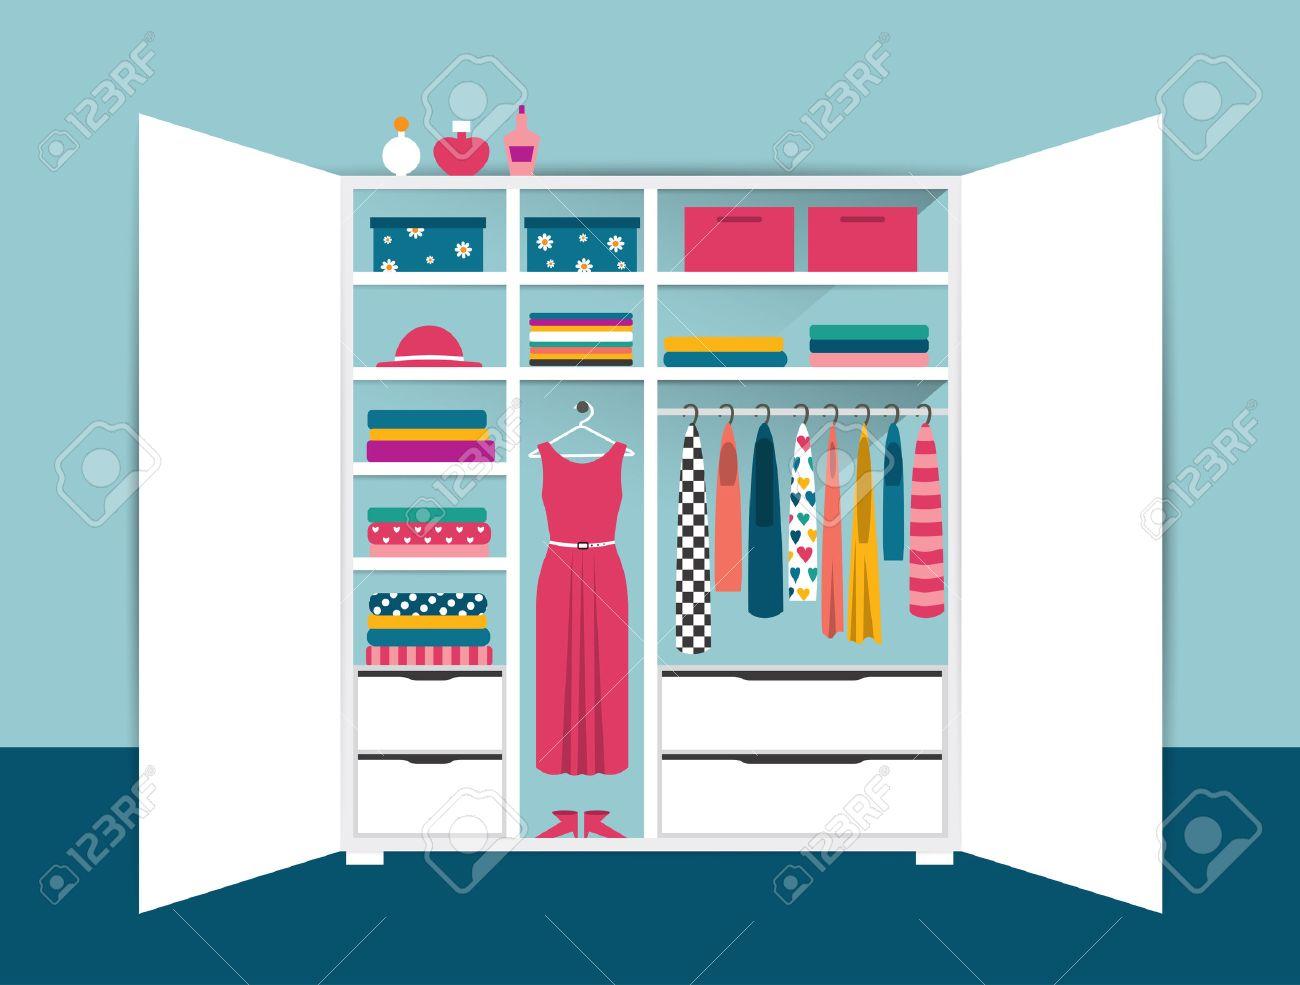 Offene Garderobe. Weiß Ordentlich Schrank Mit Kleidung, Hemden ...